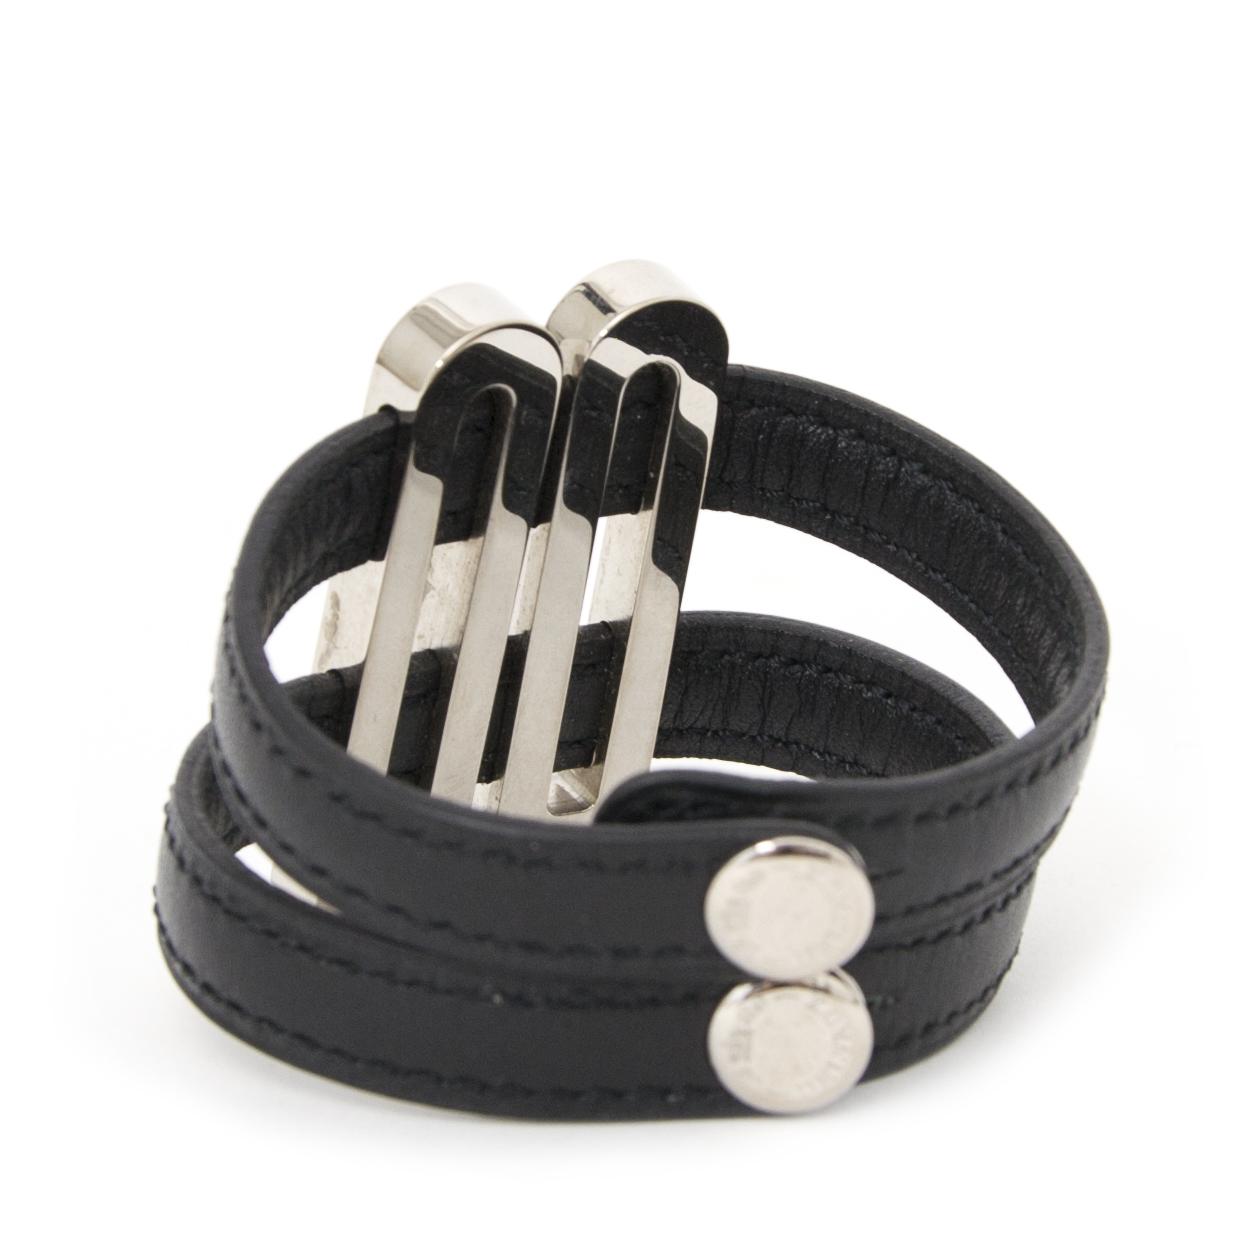 Authentieke Delvaux armband voor de juiste prijs bij LabelLOV vintage webshop. Veilig online winkelen. Luxe, vintage, mode. Antwerpen, België.